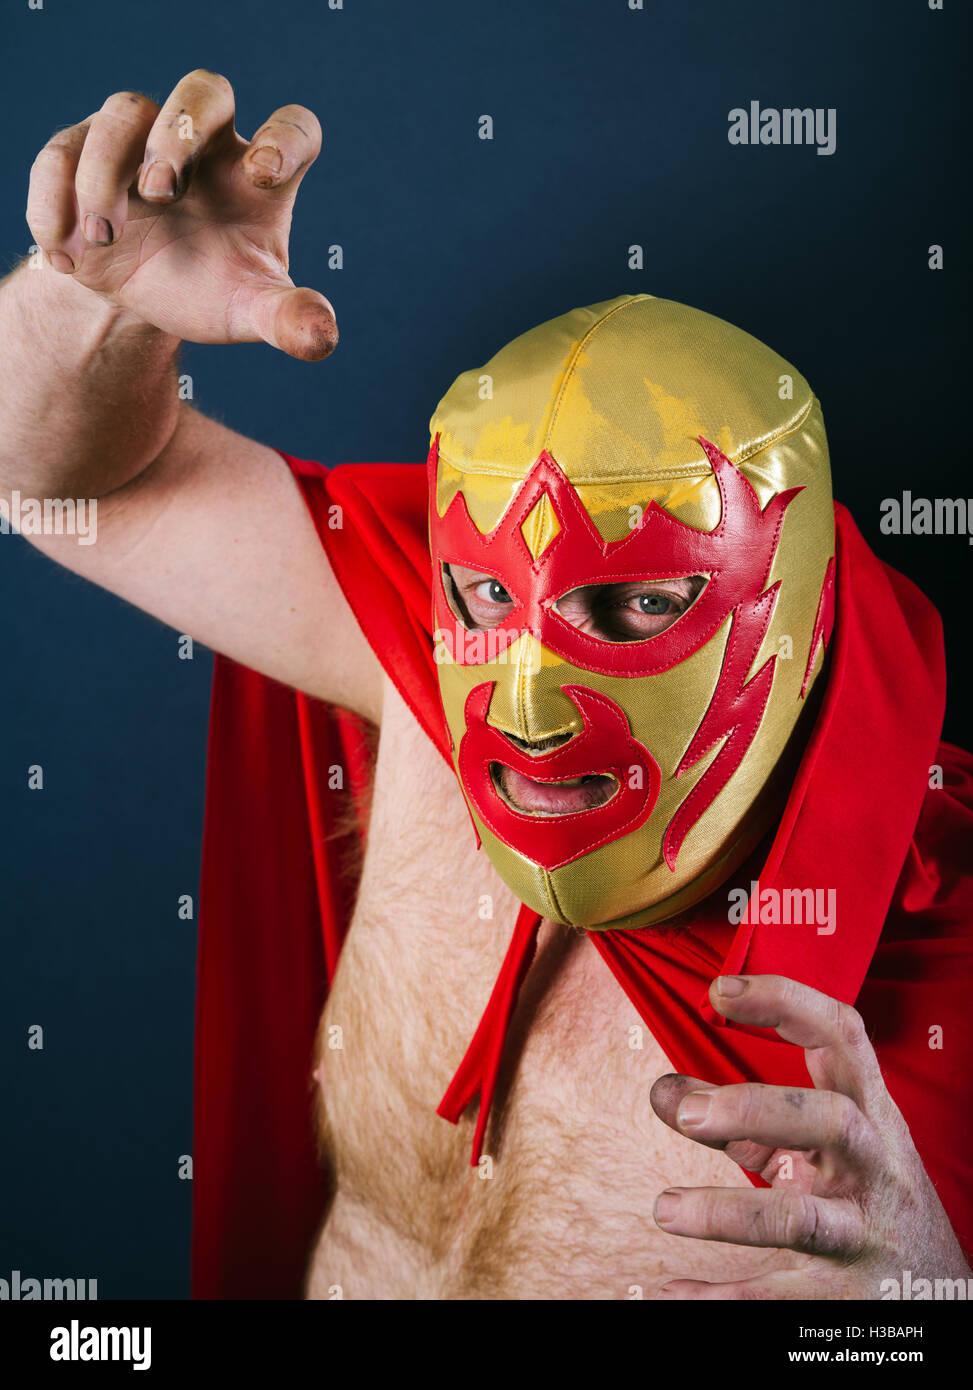 Fotografia di un wrestler messicano o Luchador in piedi in una lotta pongono. Foto Stock